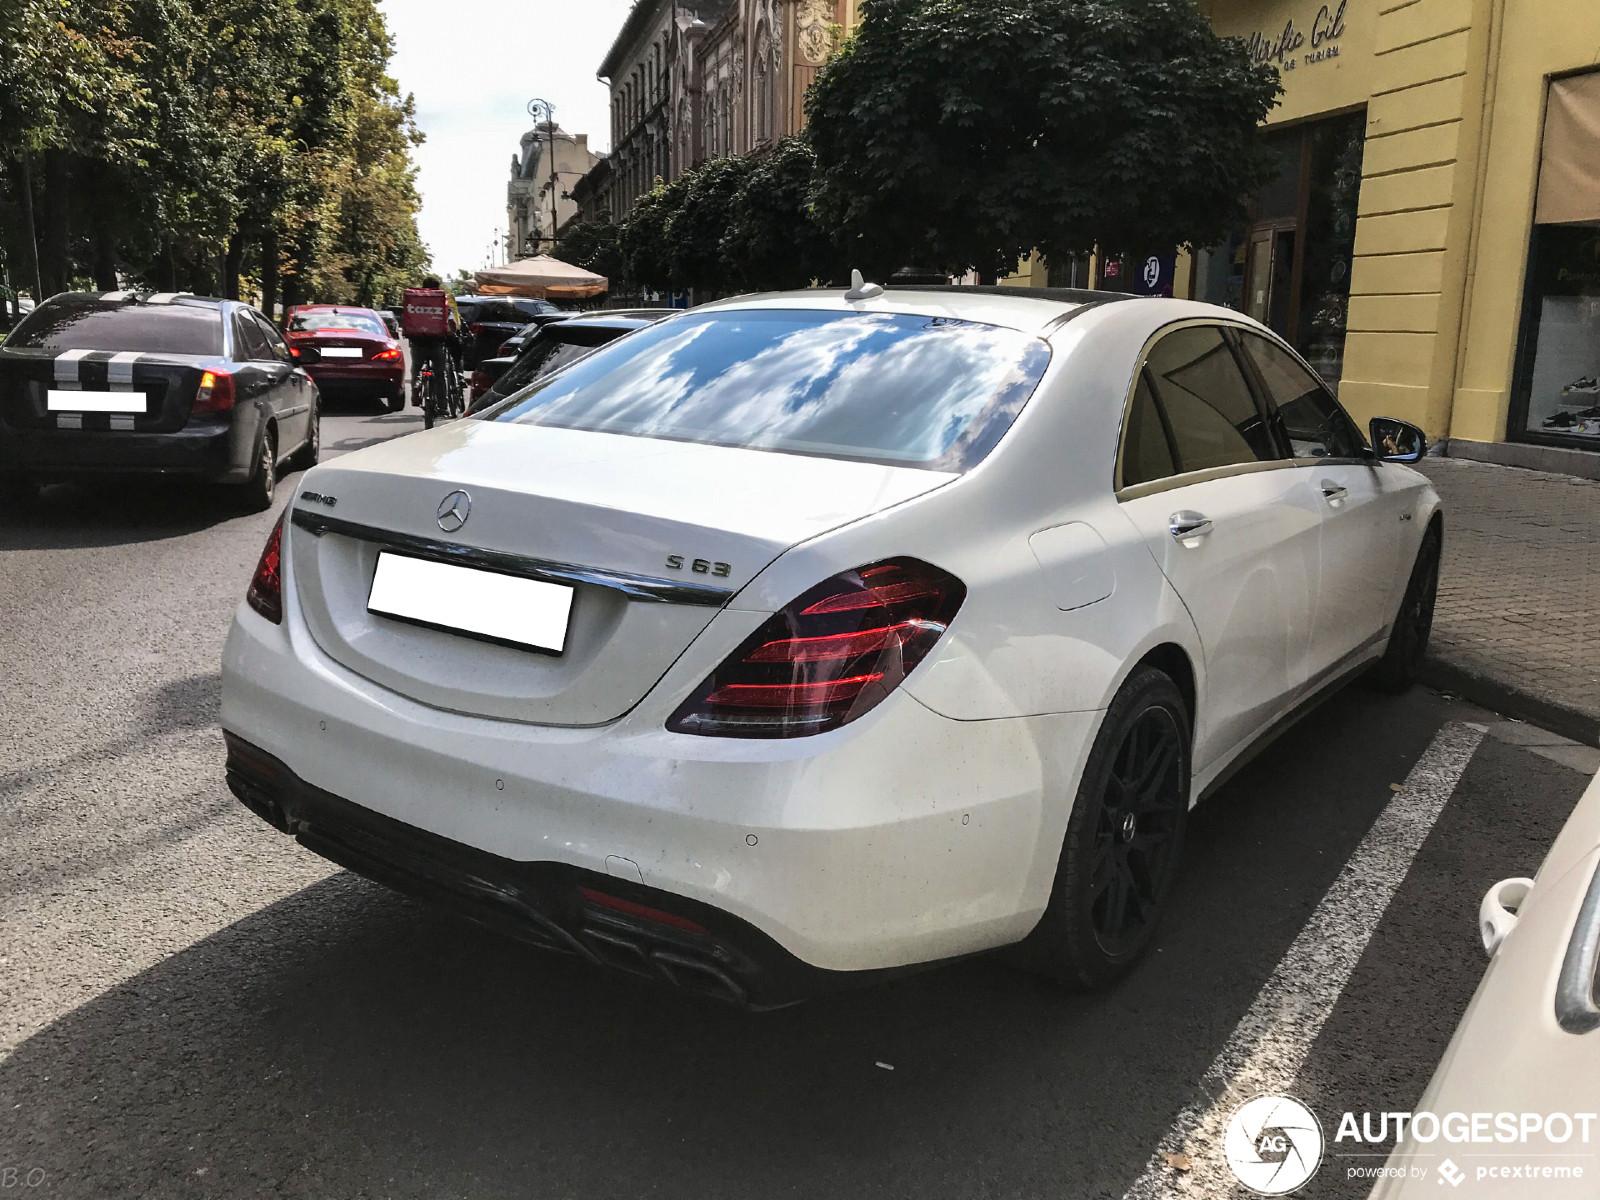 Ce masini tari au mai aparut pe strazile din Romania? Poze noi din trafic - Ce masini tari au mai aparut pe strazile din Romania? Poze noi din trafic